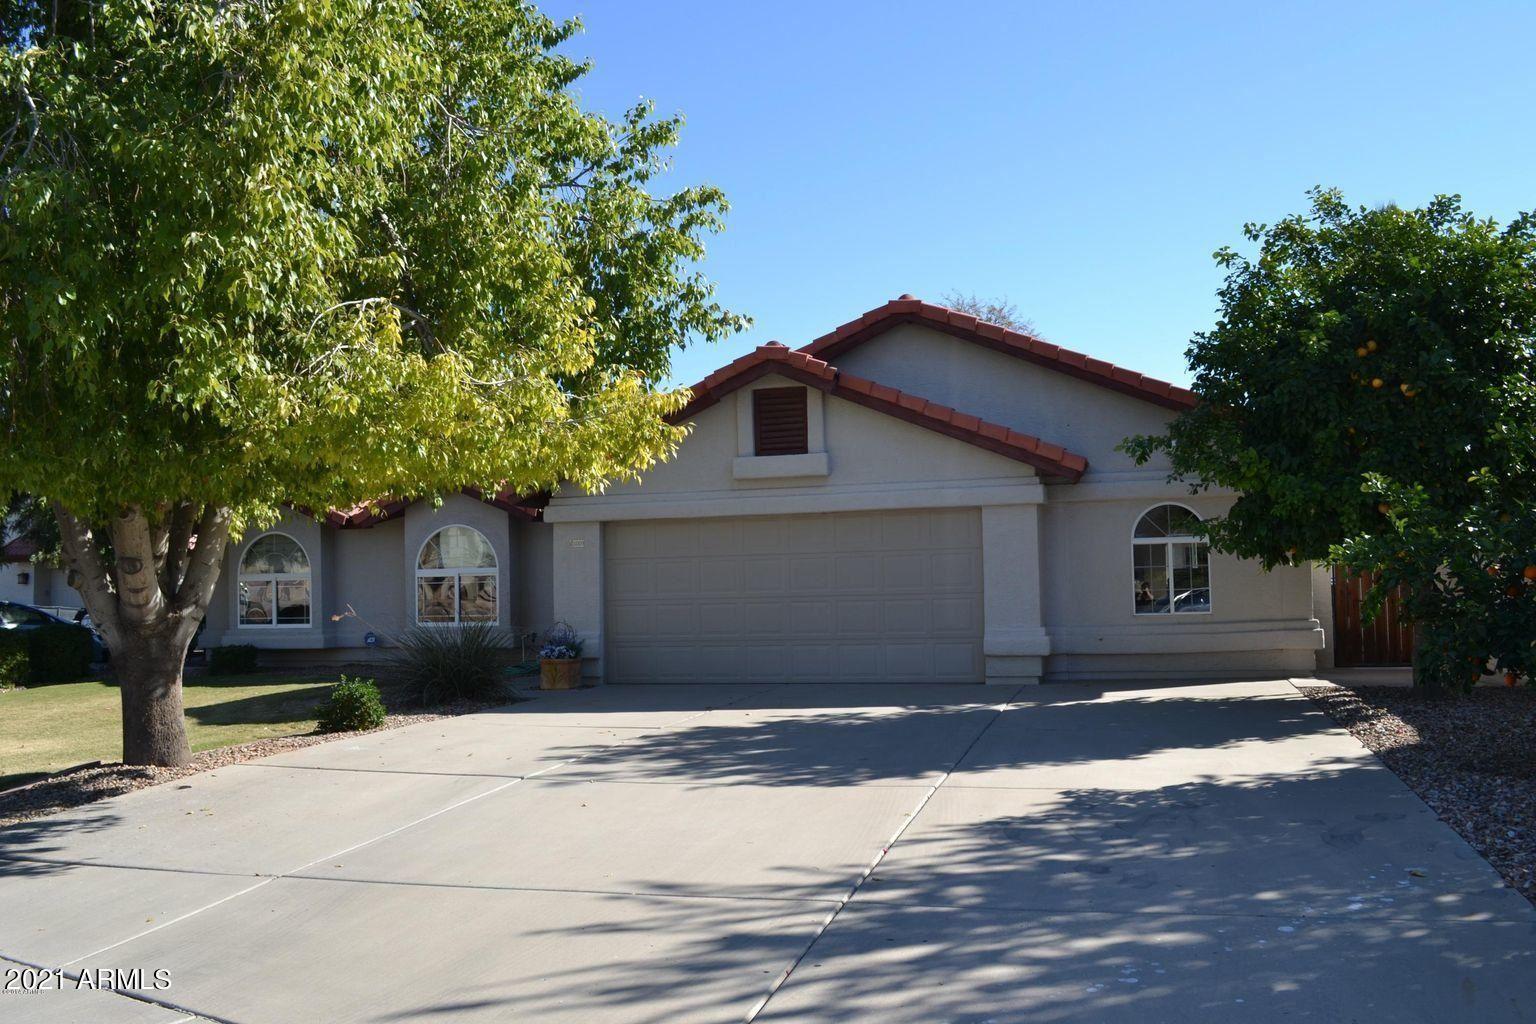 Photo of 11105 W FAWN Lane, Avondale, AZ 85392 (MLS # 6249455)